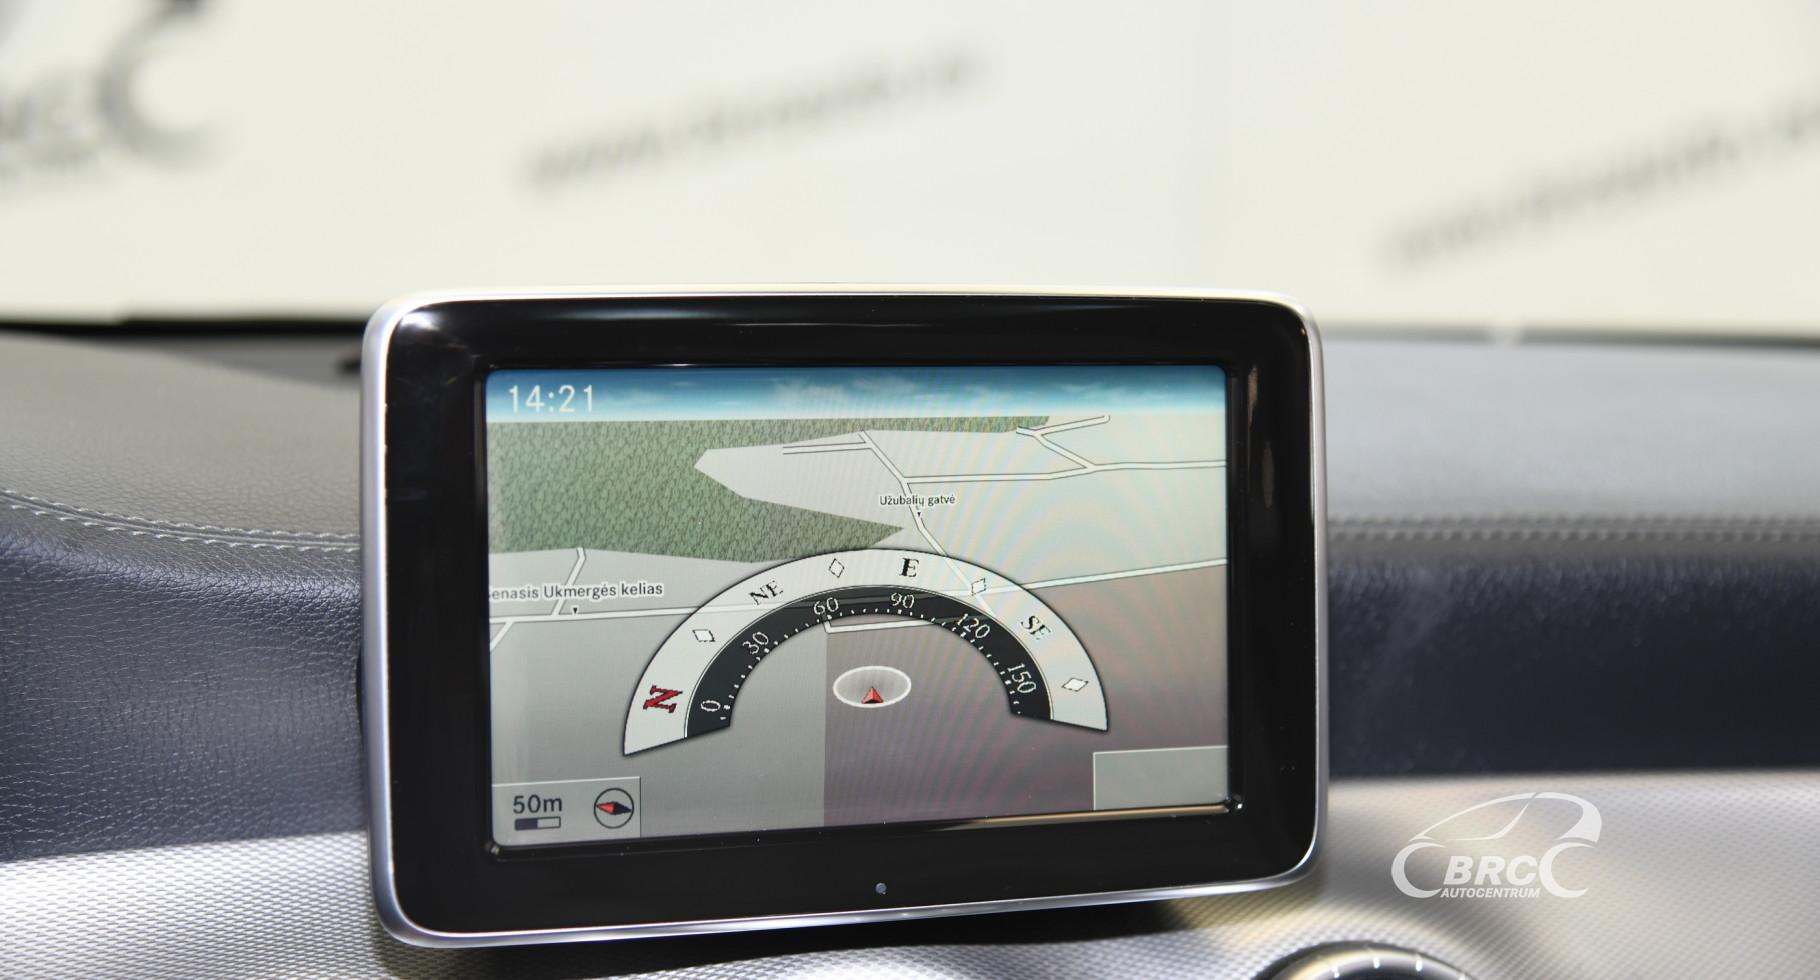 Mercedes-Benz CLA 220 CDI Automatas